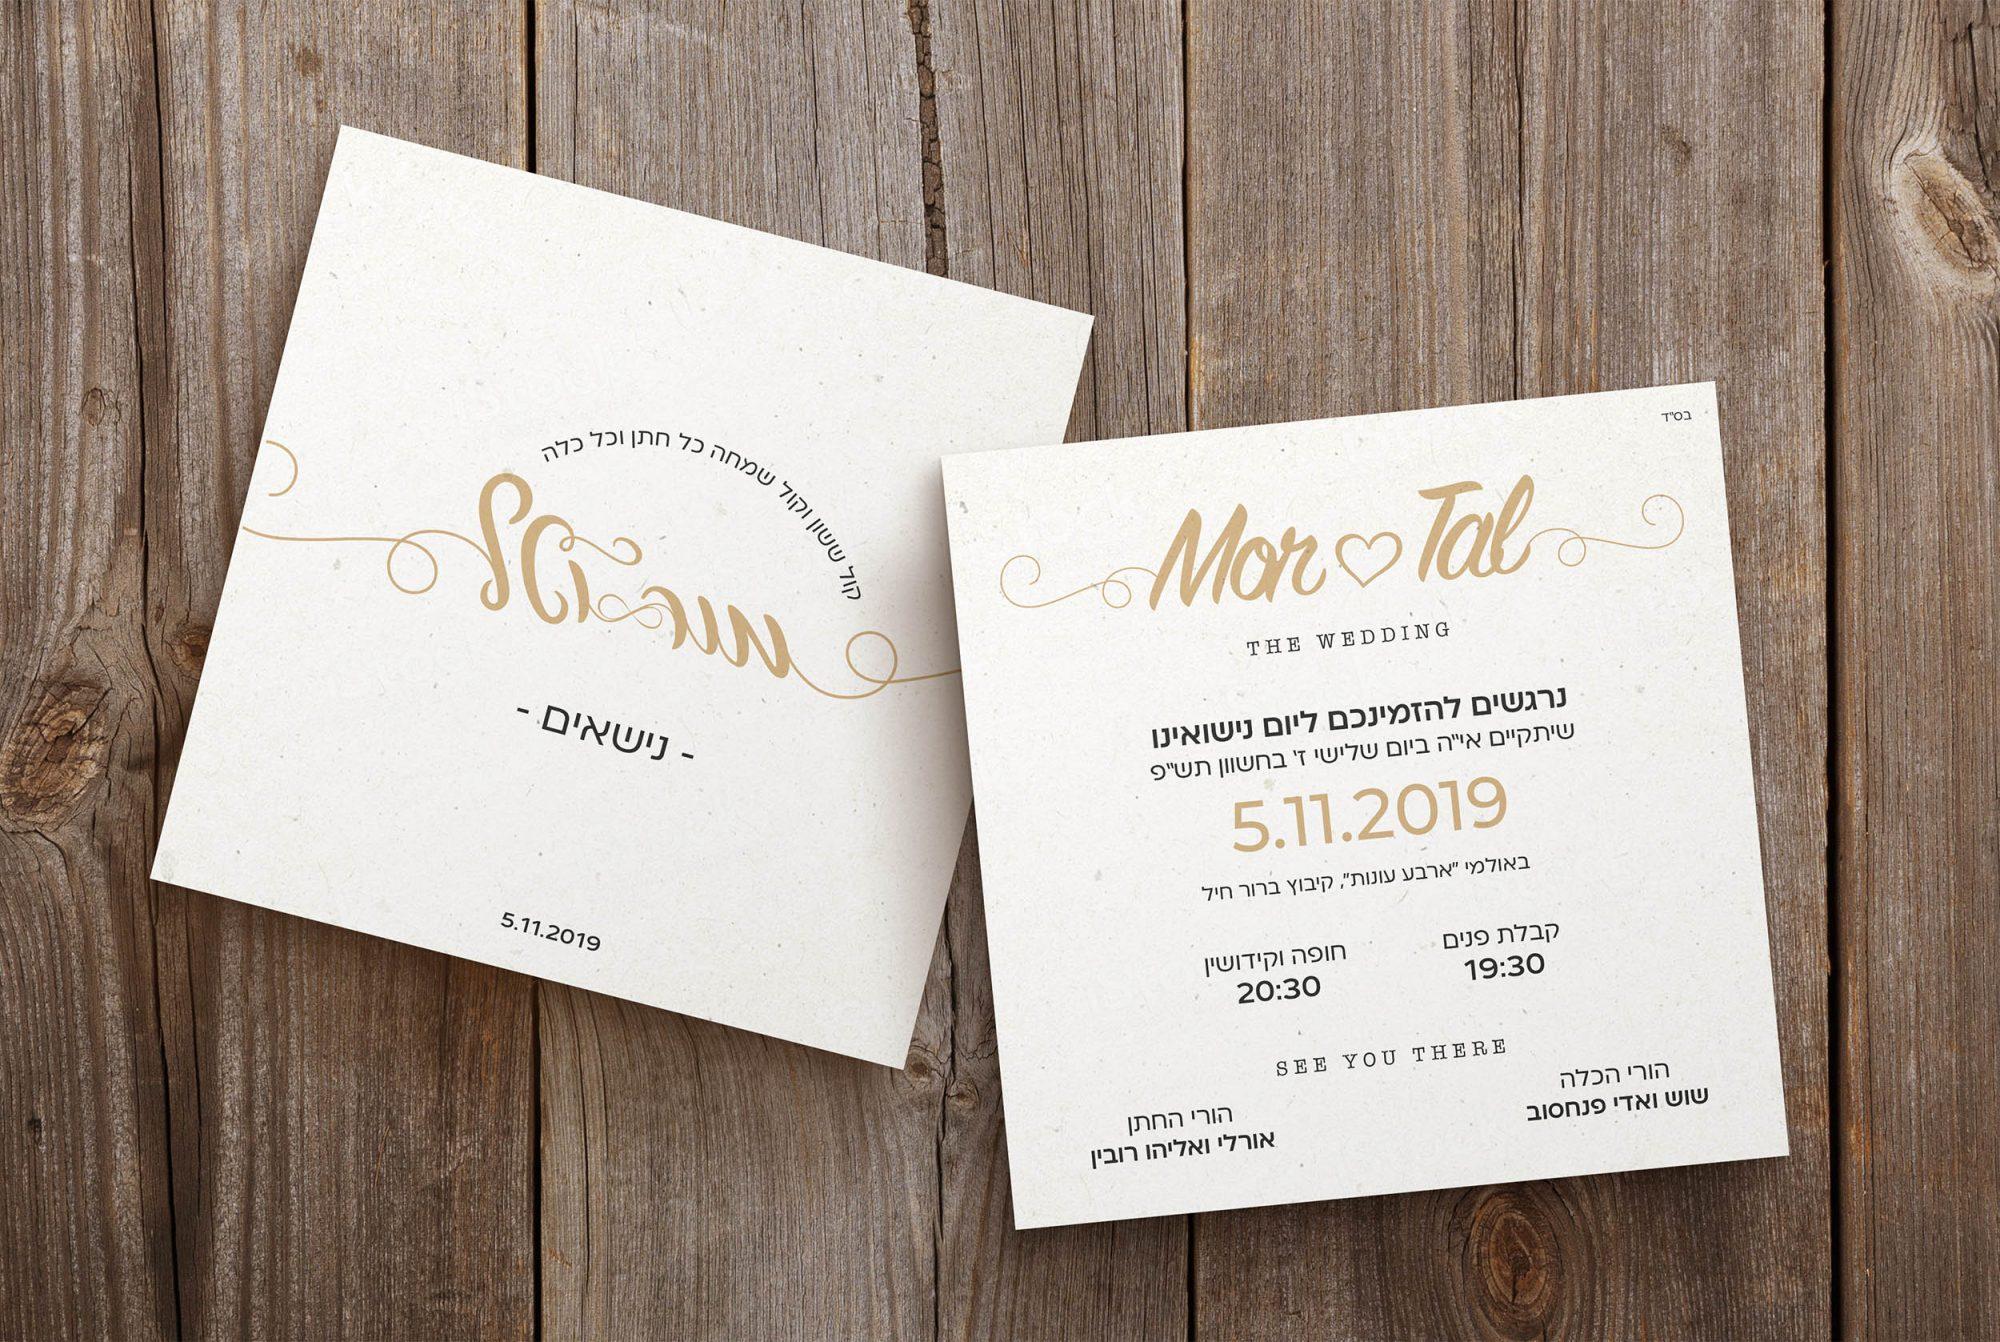 נרגשים להזמינכם ליום נישואינו – הזמנה מעוצבת לחתונה